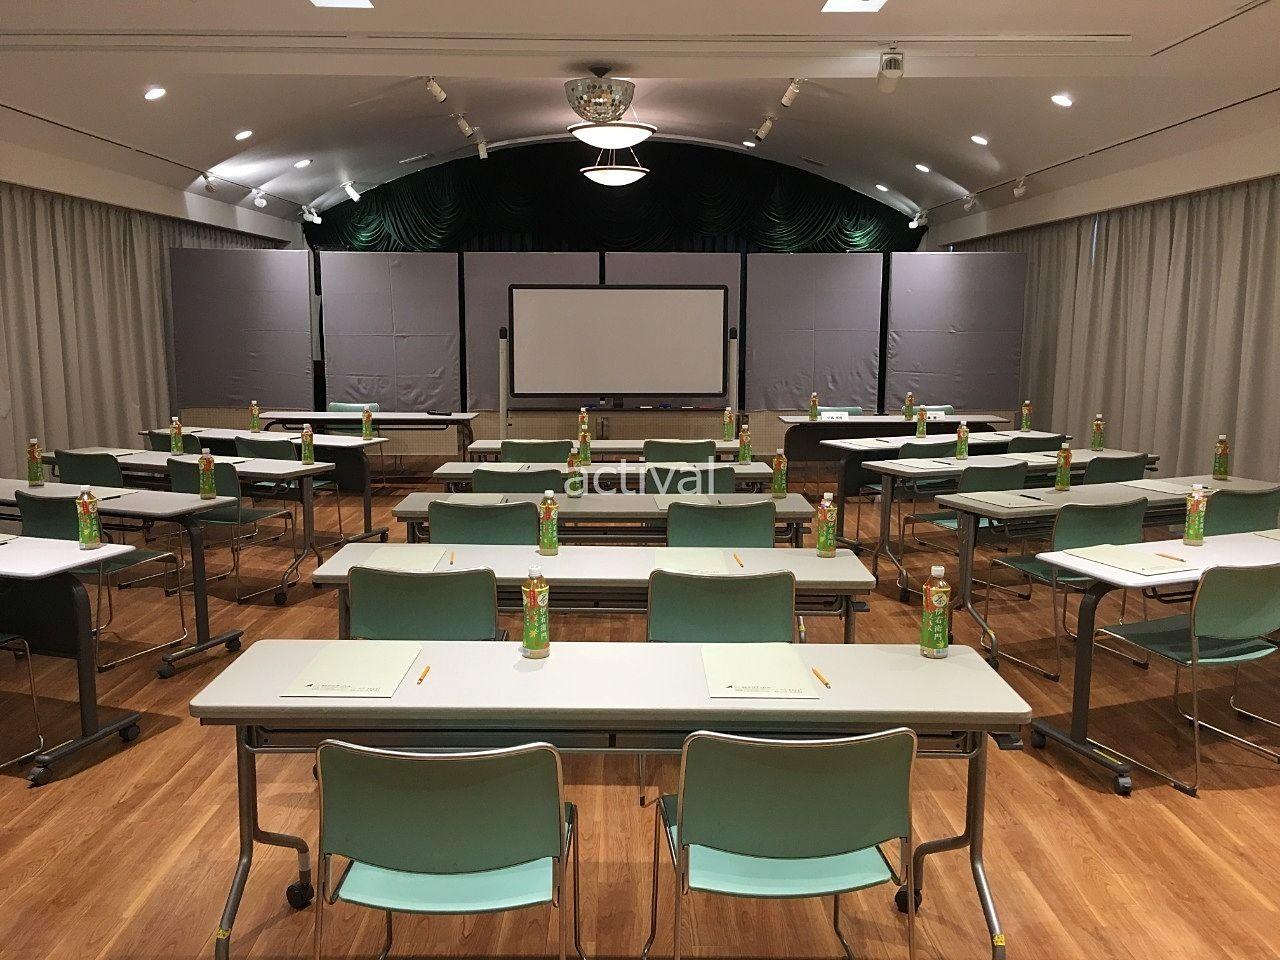 相続対策セミナー会場のア・ス・ヴェルデ3Fにあるア・ス・ヴェルデホールです!